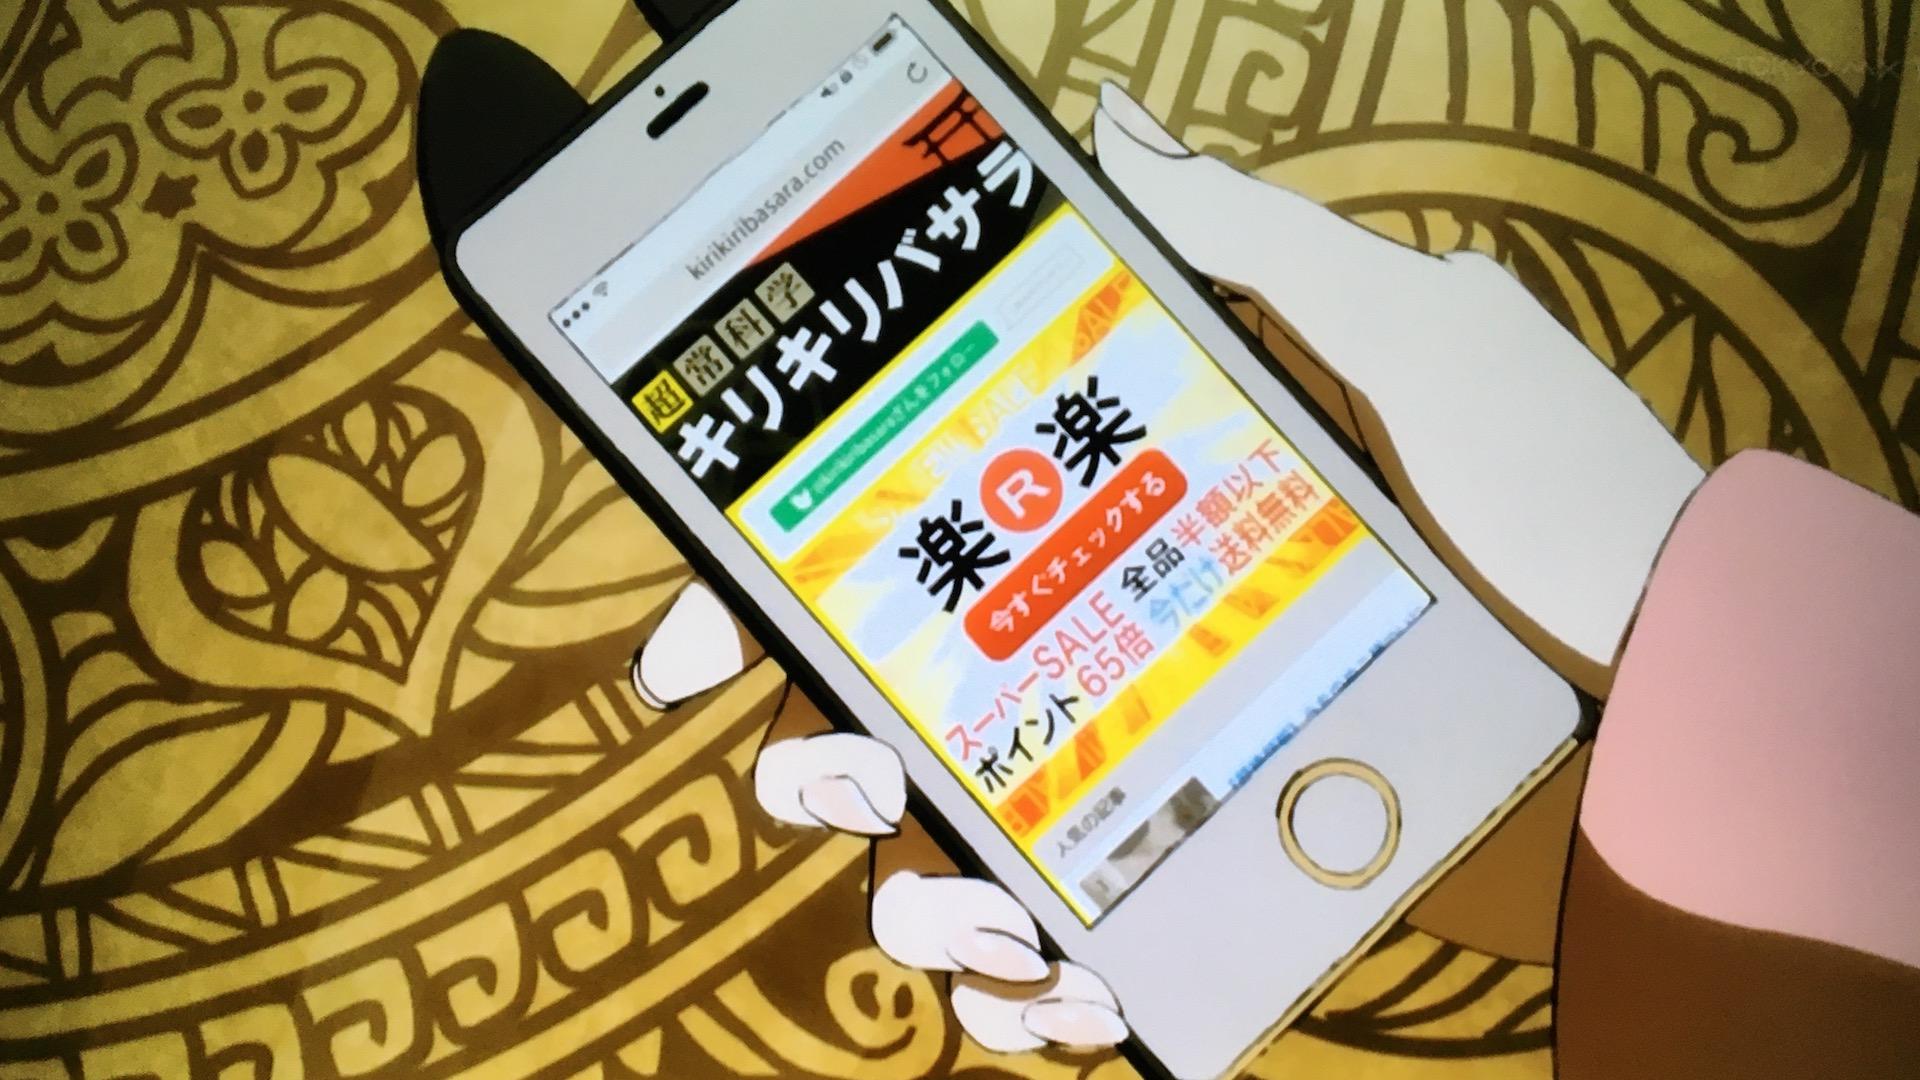 f:id:t_aki:20200505044936j:plain